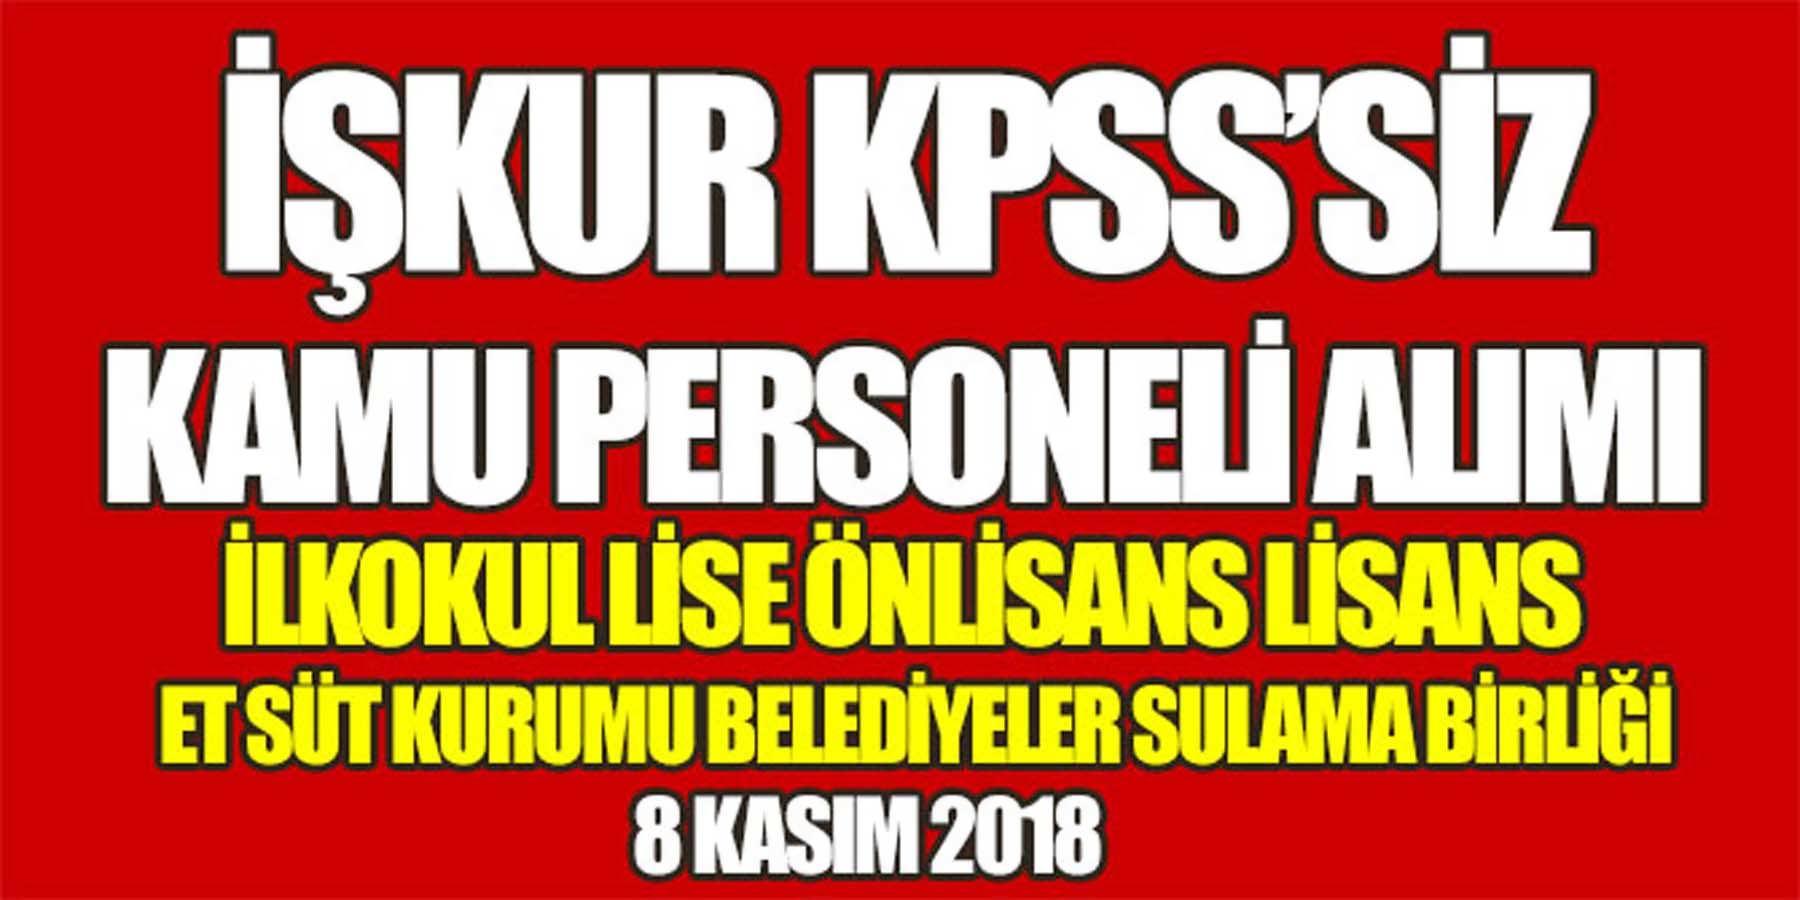 İŞKUR KPSS'Siz 8 Kasım 2018 Kamu Personeli Alımı (Arşiv Sorumlusu)